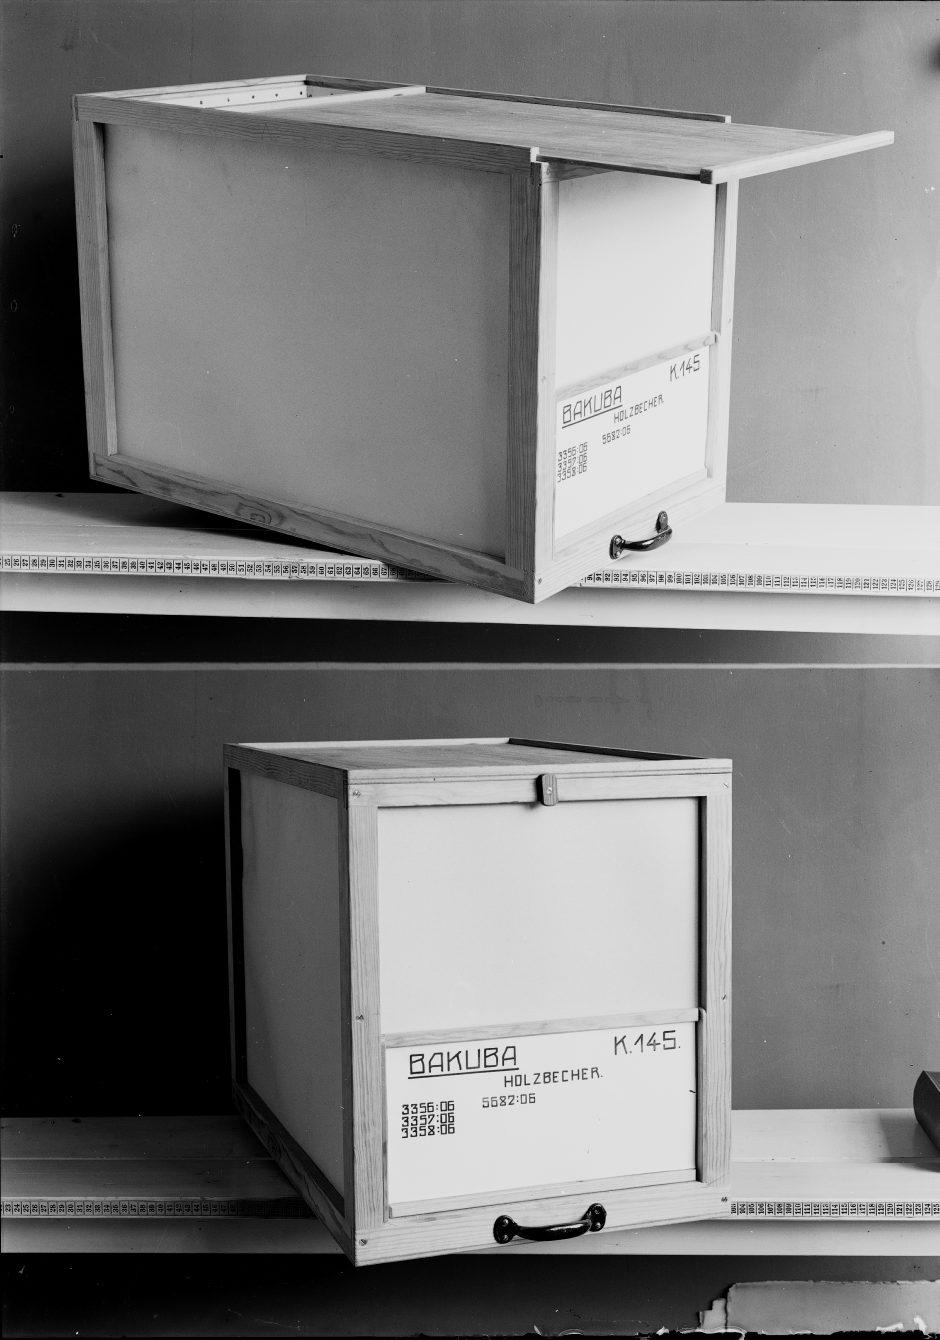 zwei Regalborde, zwei Holzkisten mit Beschriftung, s/w Fotografie